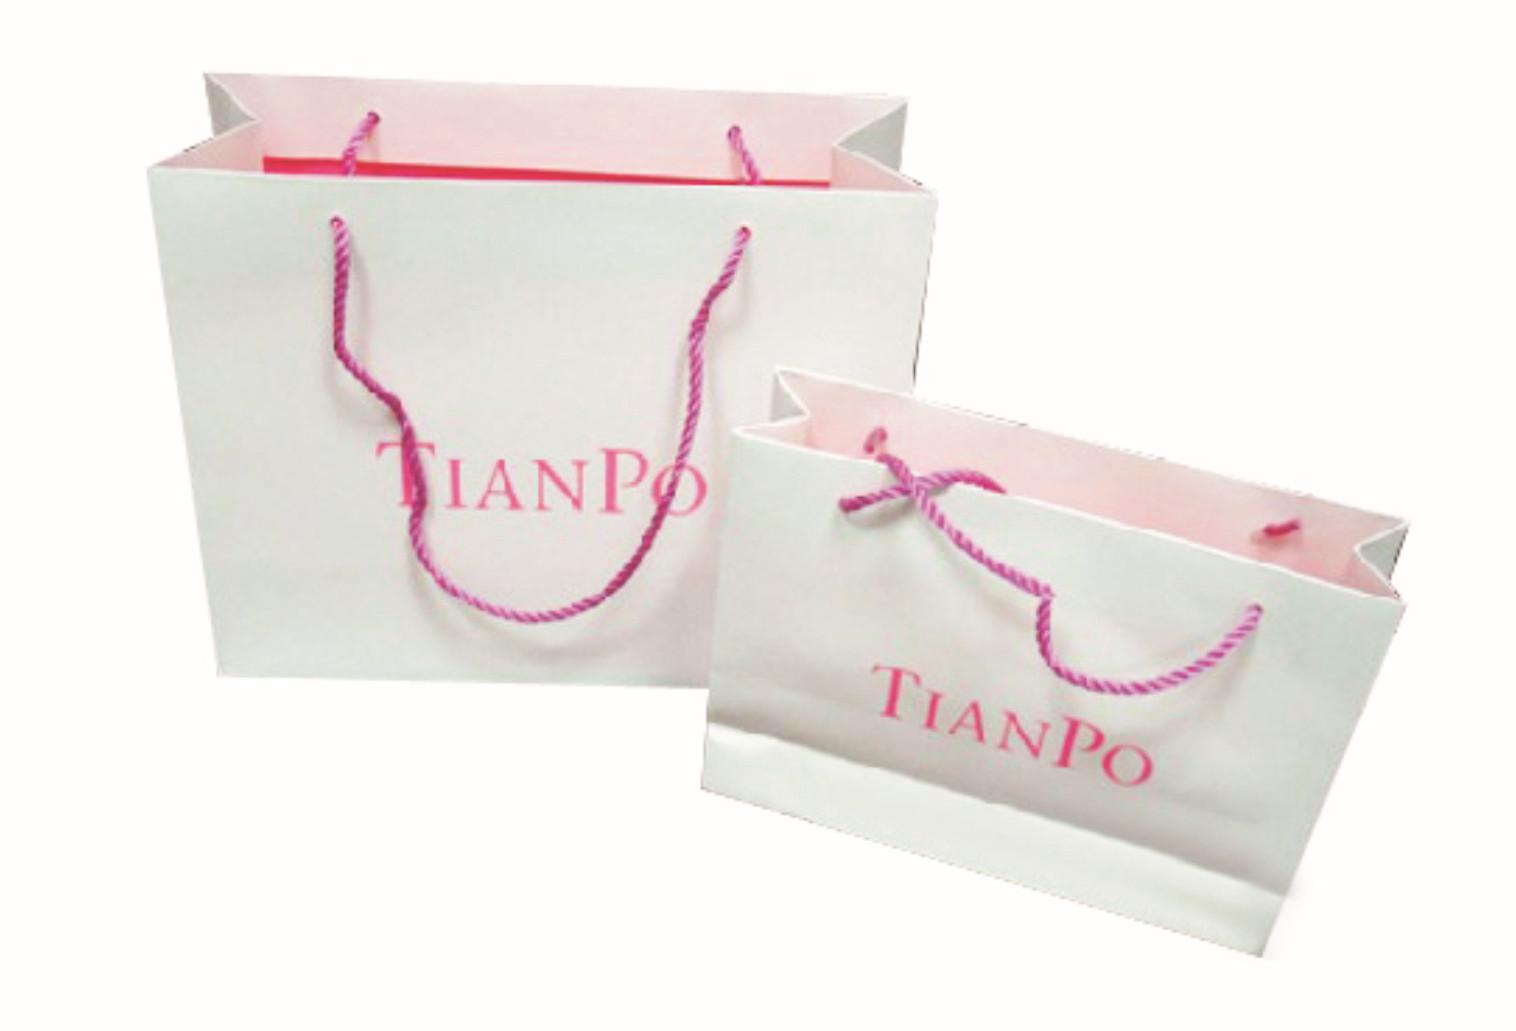 广州厂家设计定做高档创意手提纸袋 订做定制彩印礼品包装纸袋 -礼品图片